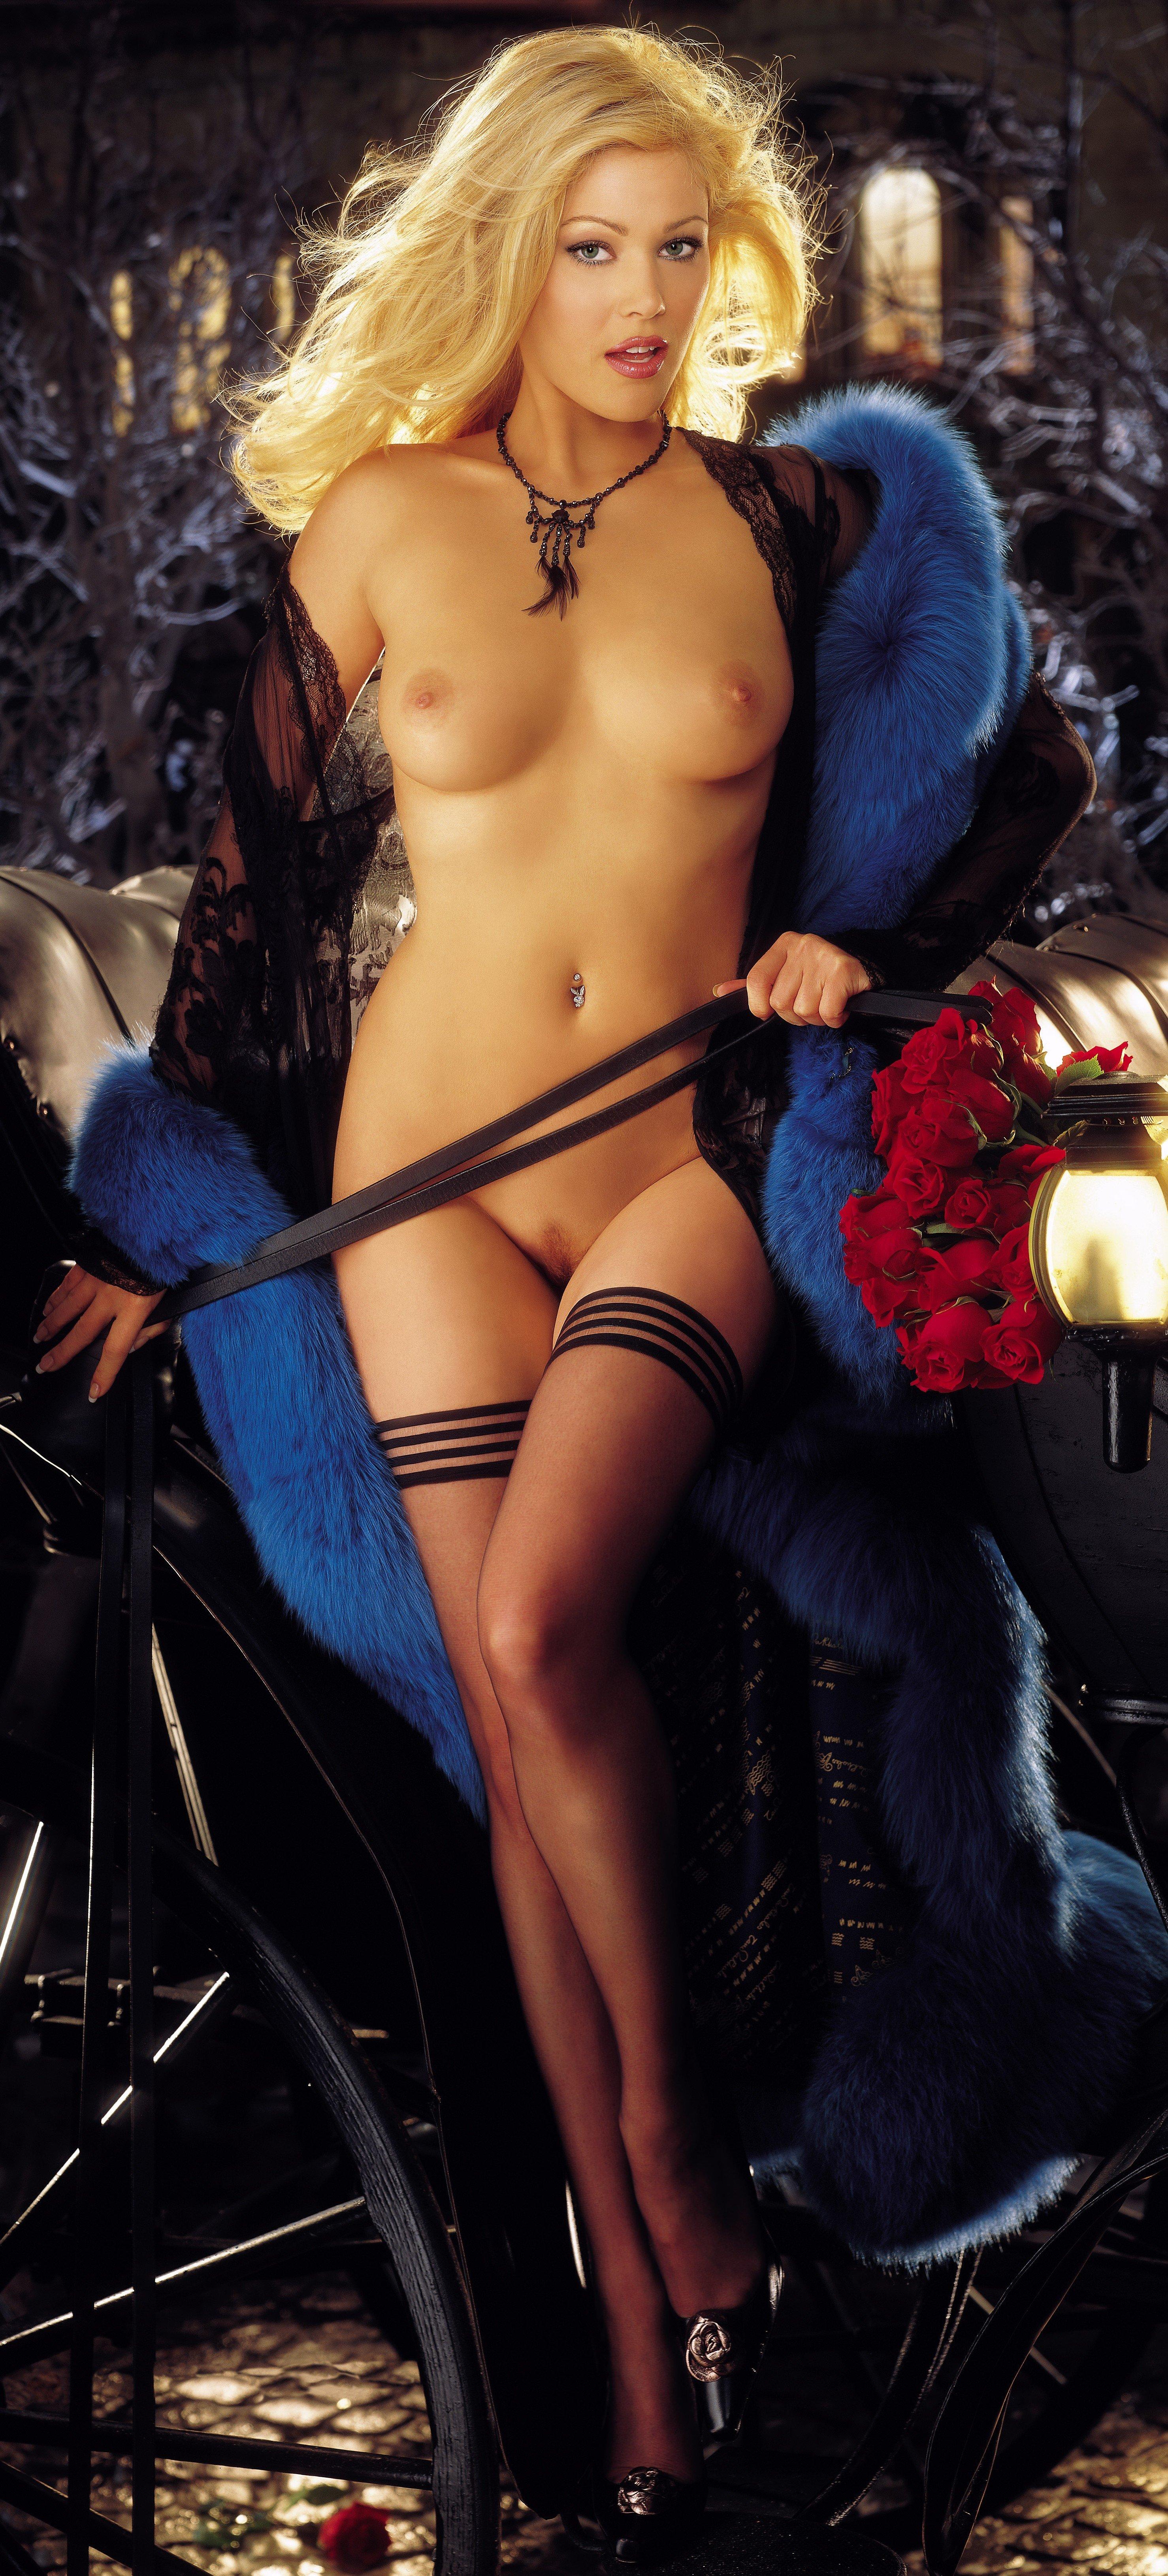 Эротическая фотография 2001 10 фотография